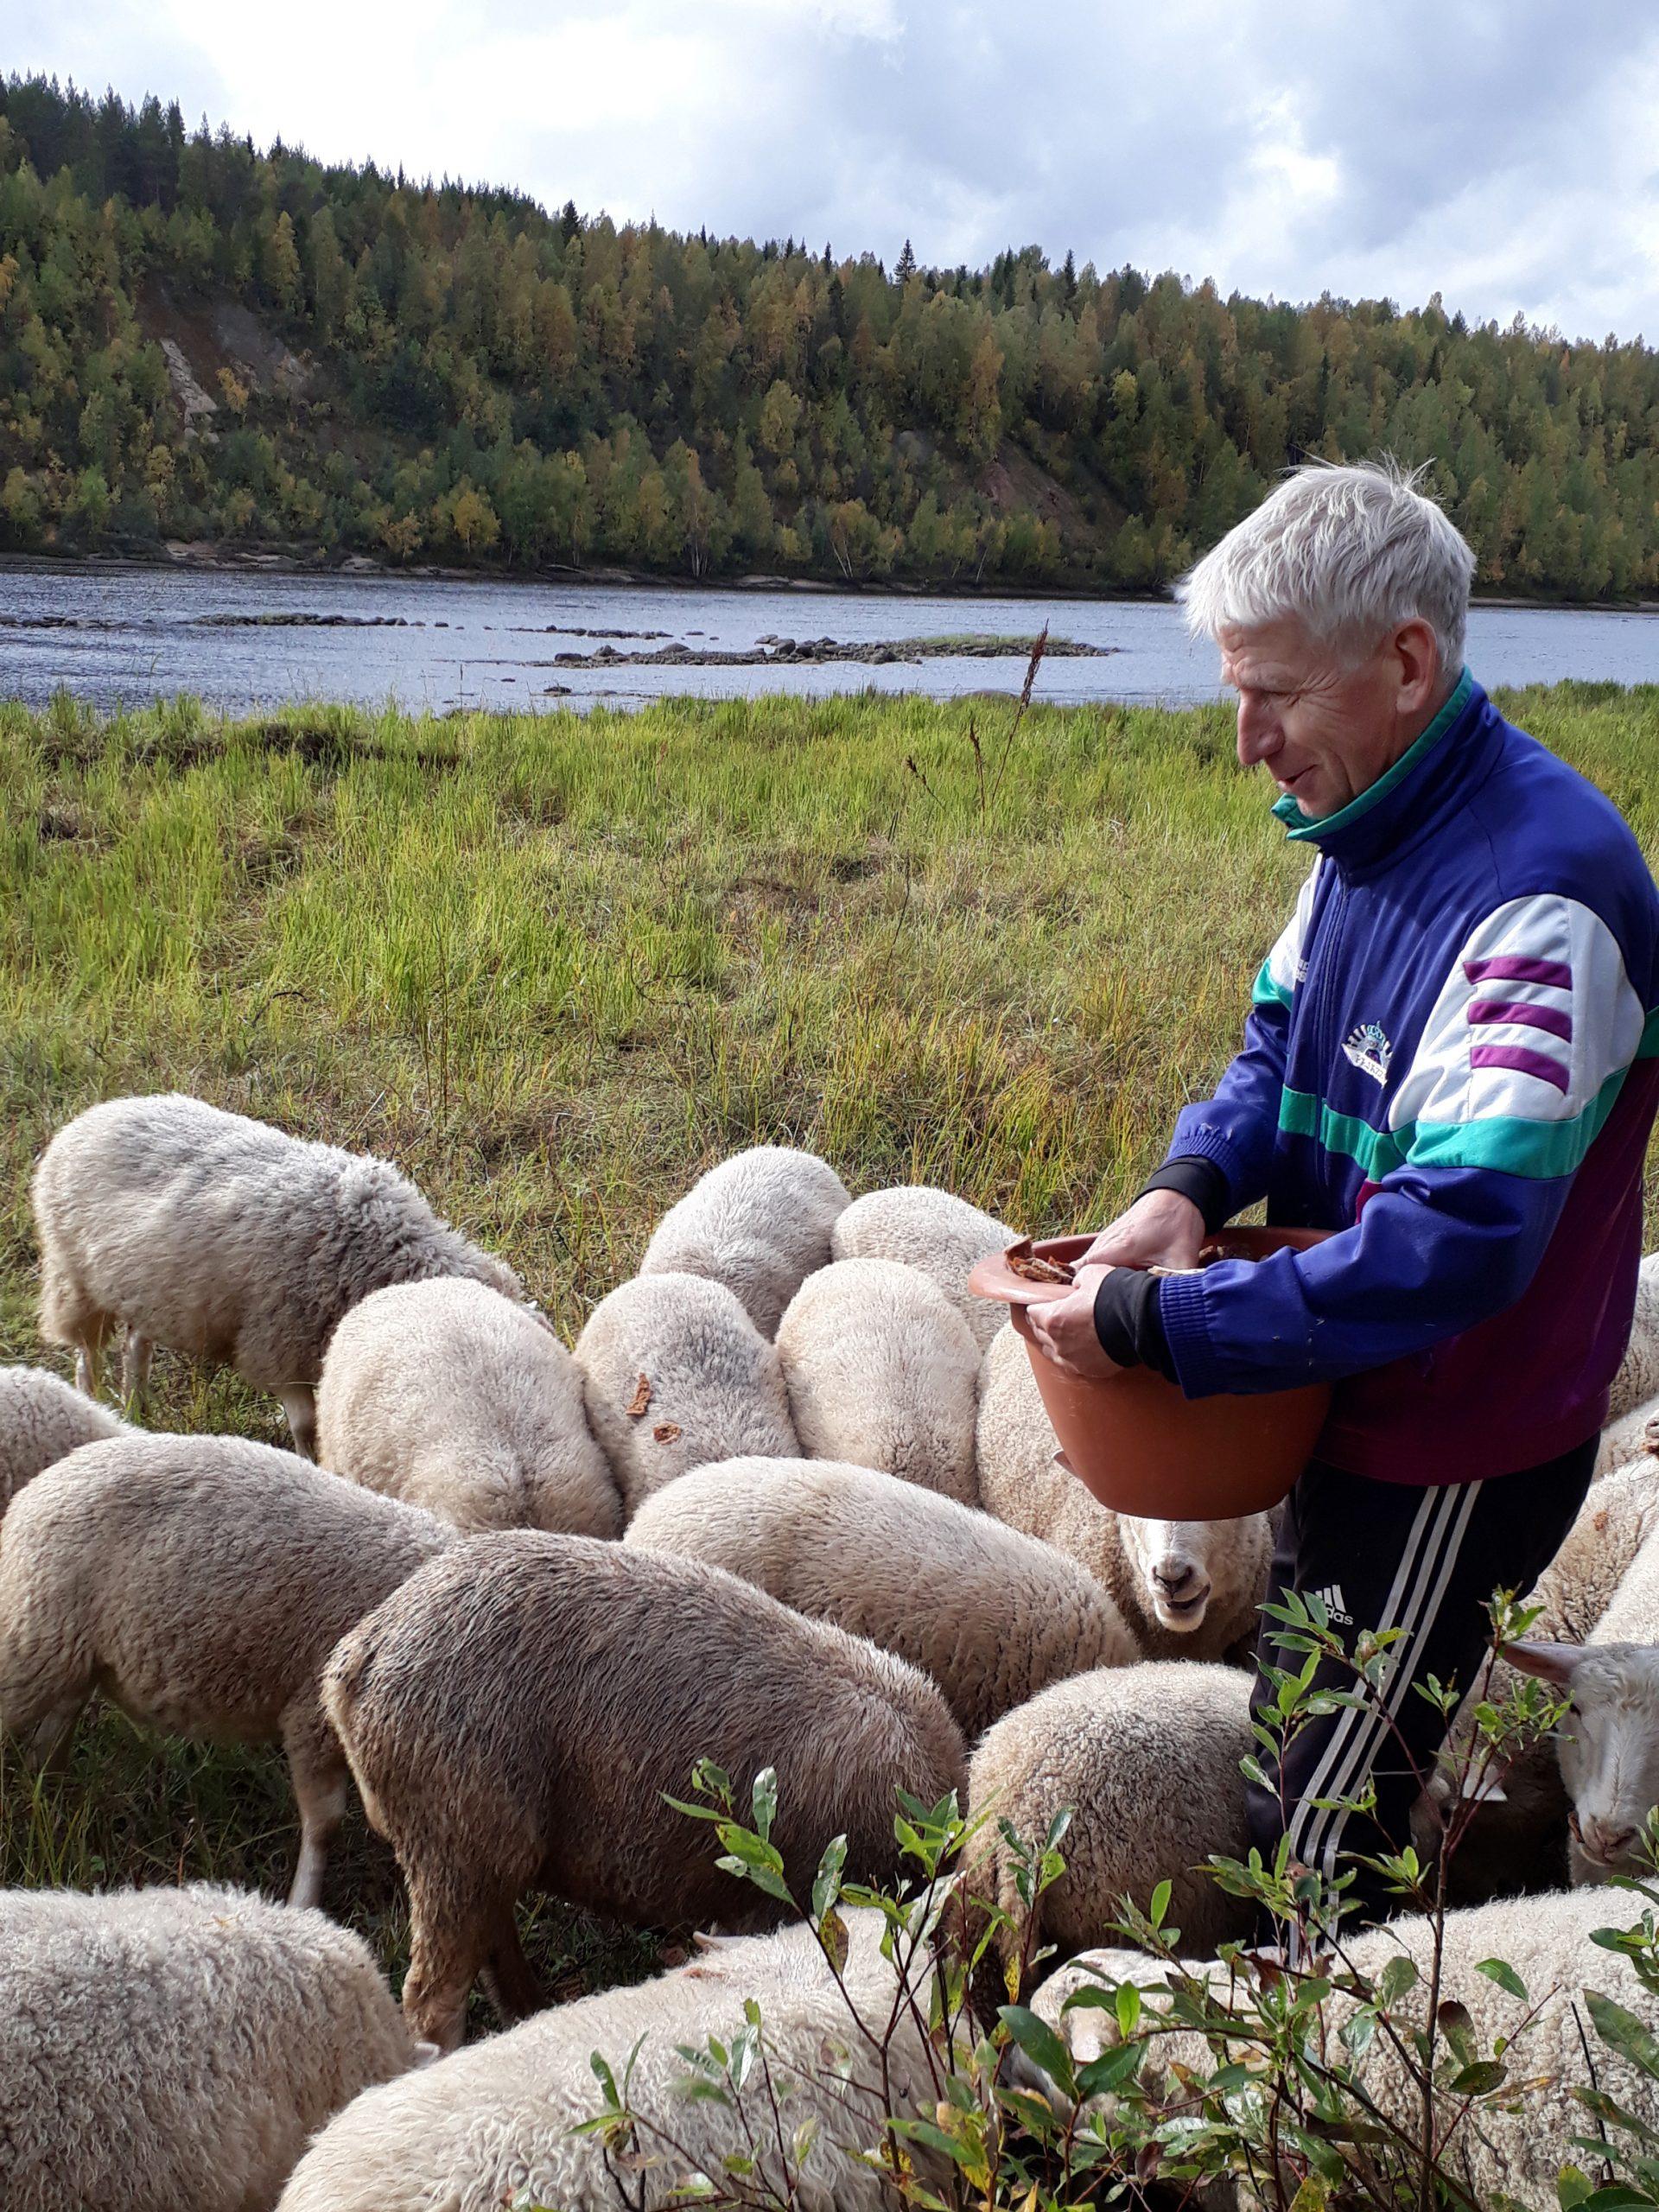 Mies paimentaa lampaita joen varrella.